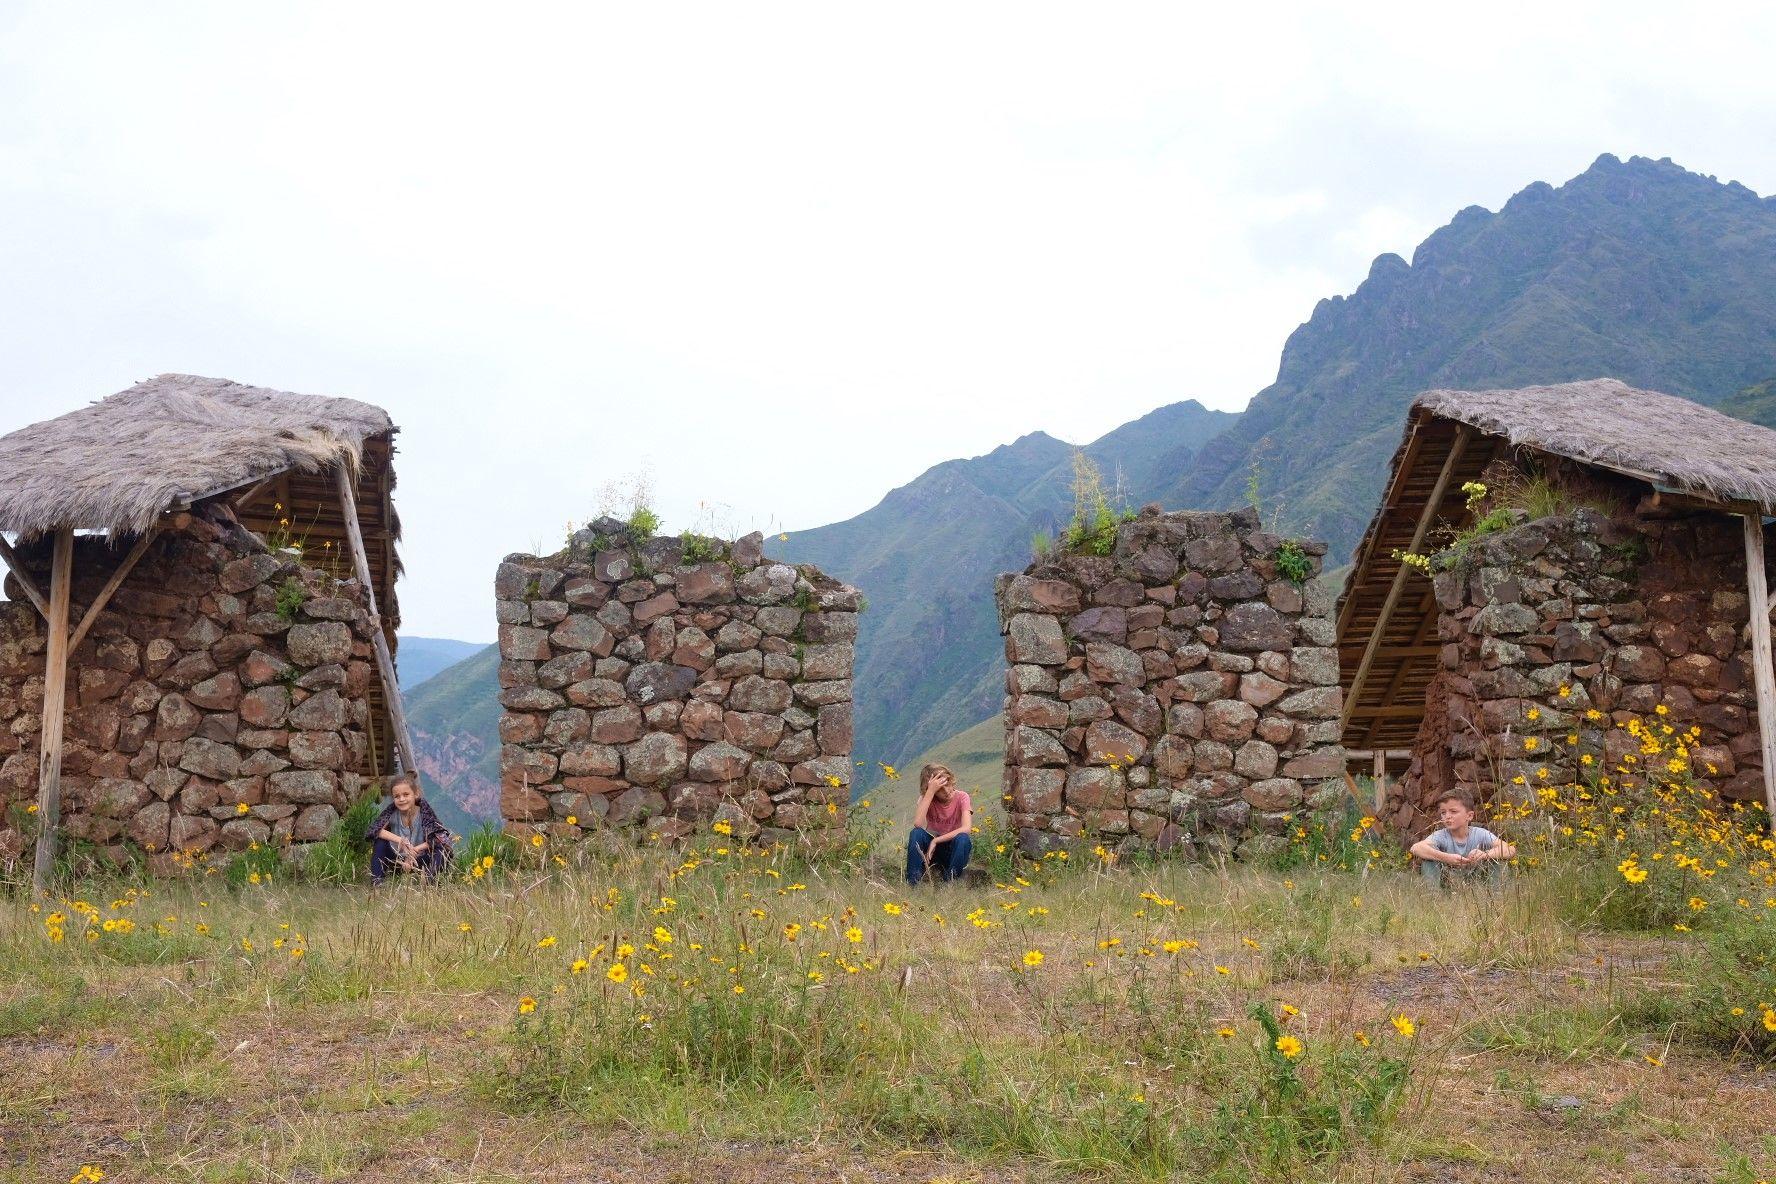 Sfeerimpressie Rondreis Peru: Met het gezin naar Peru